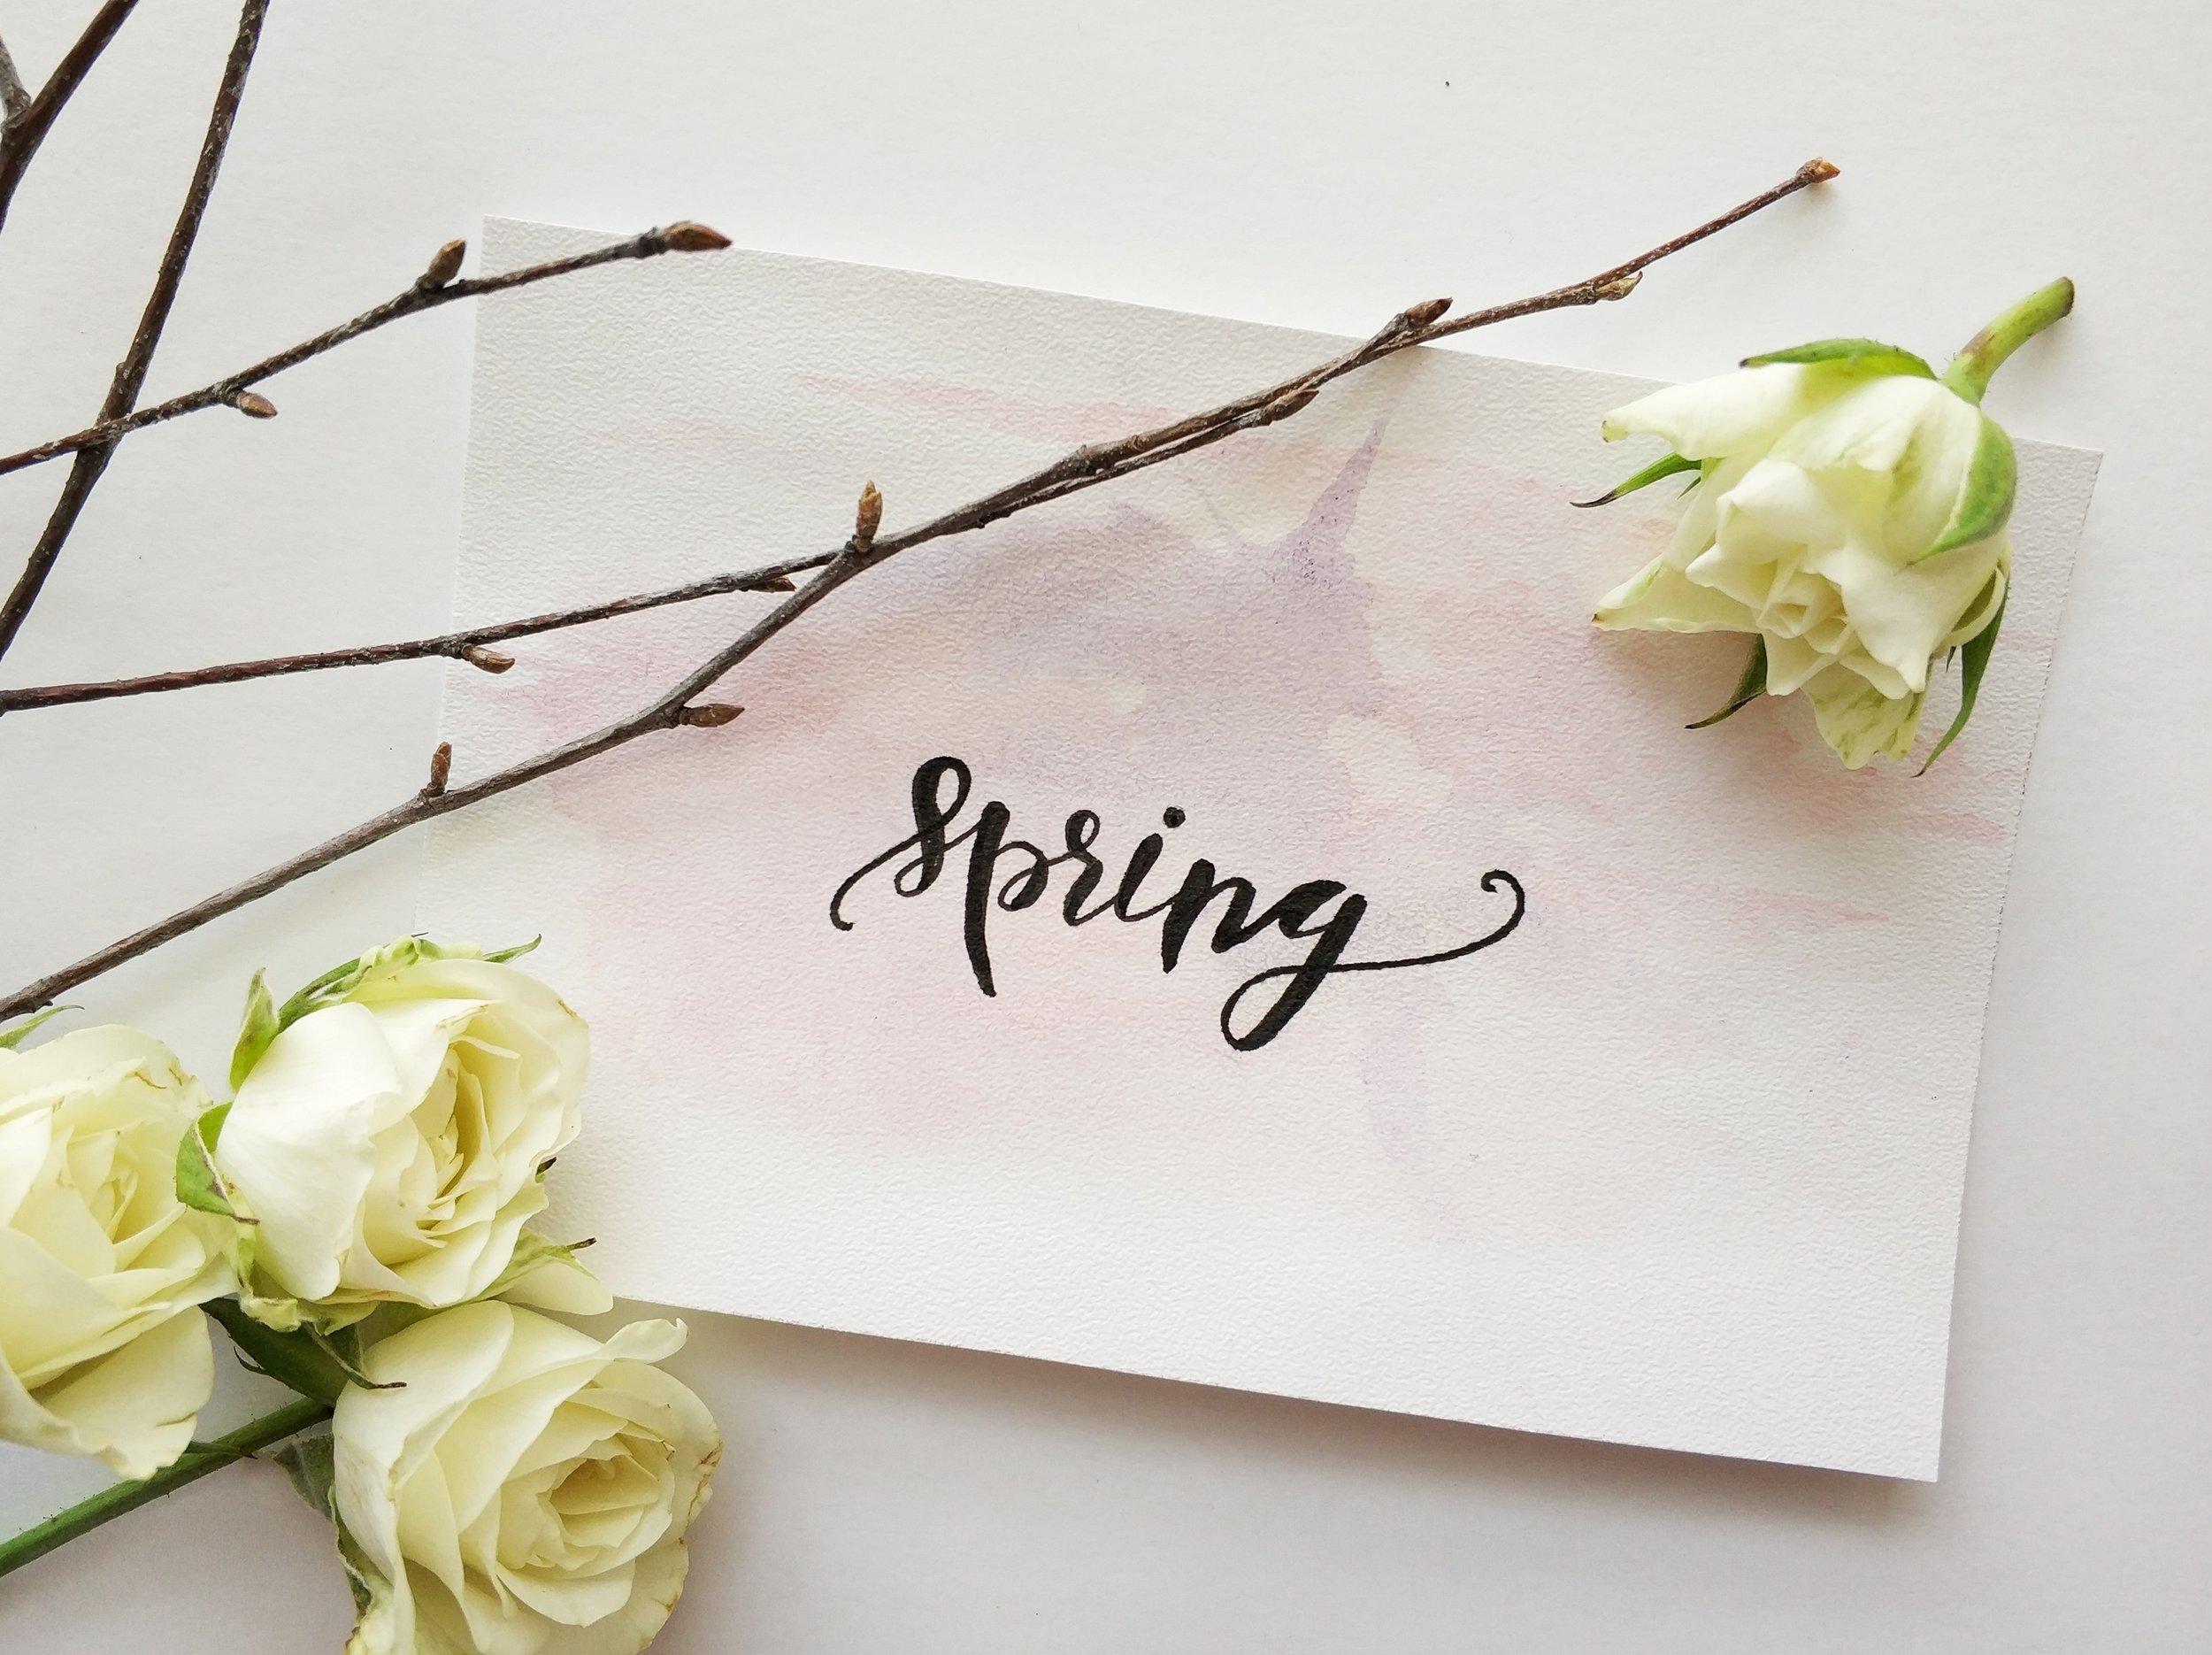 beautiful-bloom-blooming-920154.jpg